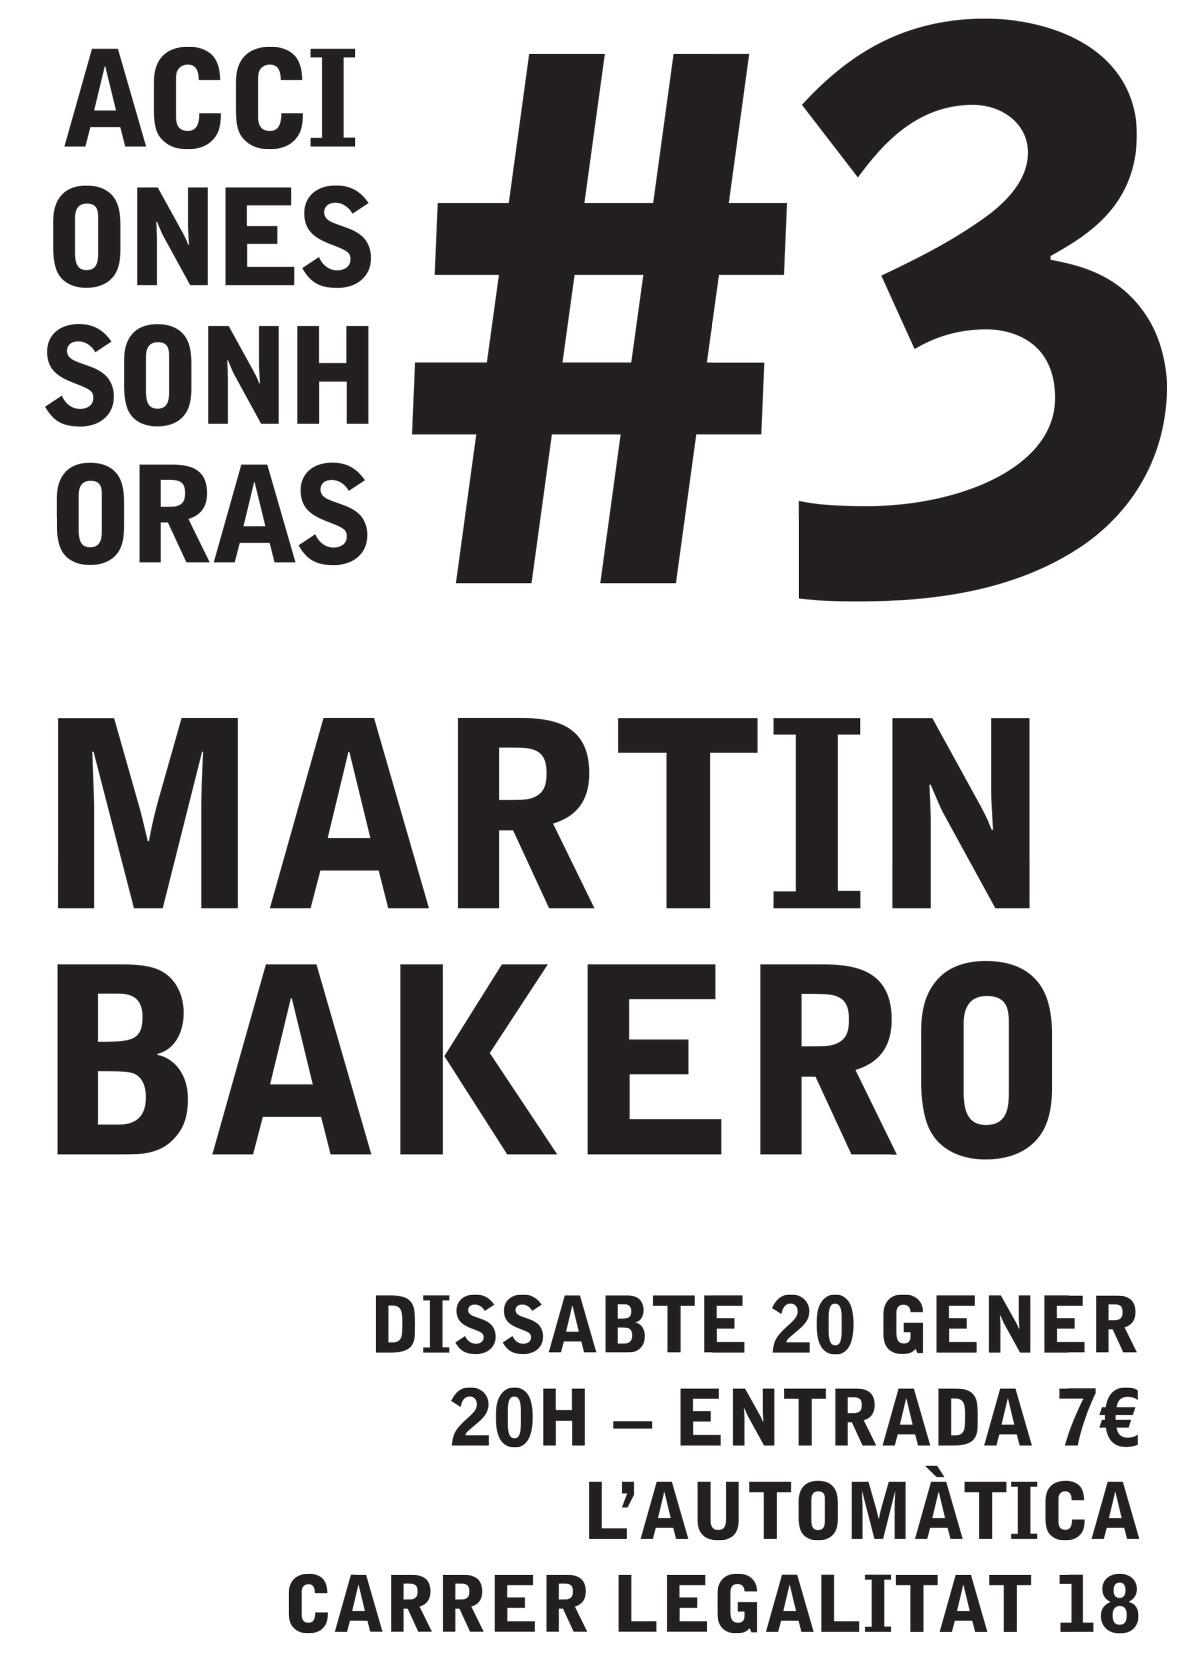 live recording - acciones sonhoras #3 martín bakero